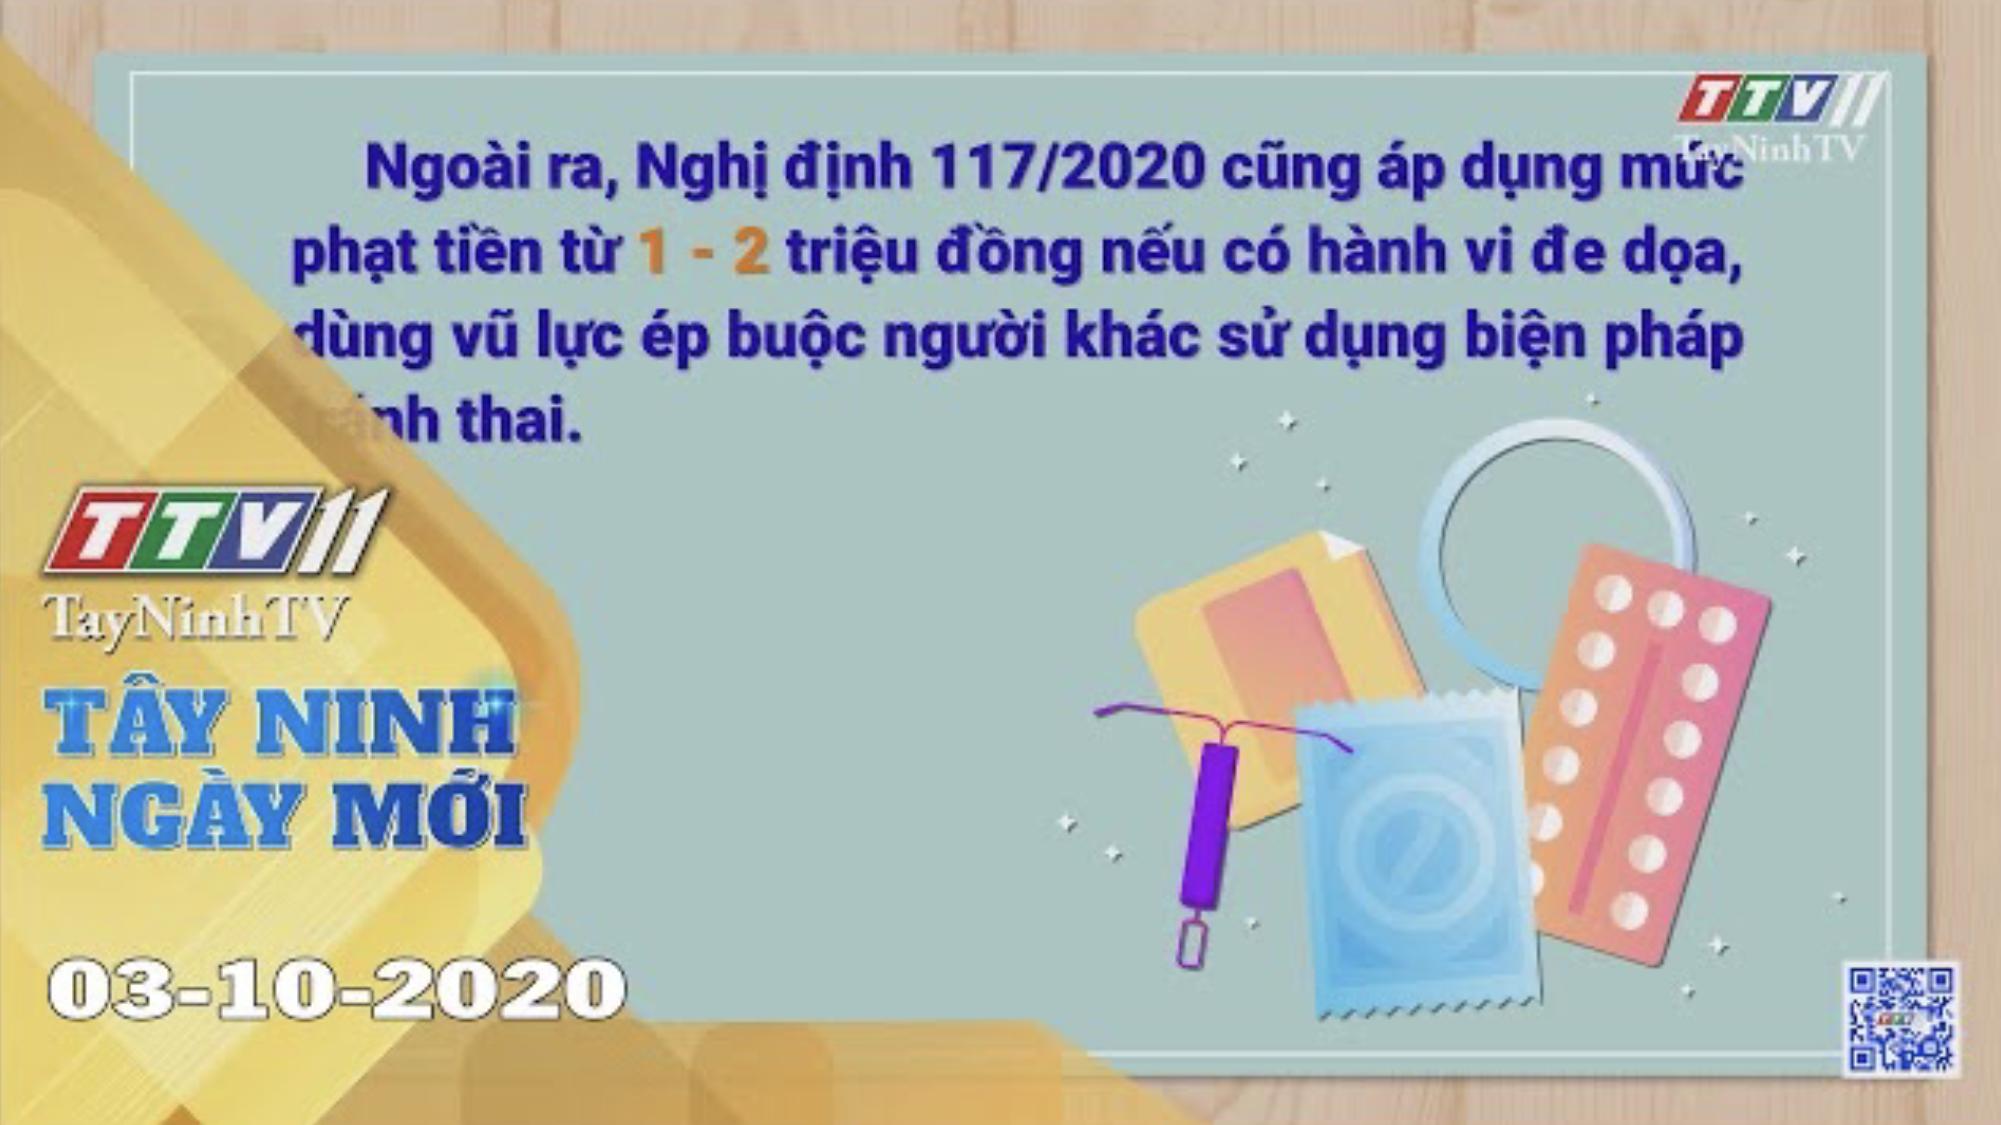 Tây Ninh Ngày Mới 03-10-2020 | Tin tức hôm nay | TayNinhTV